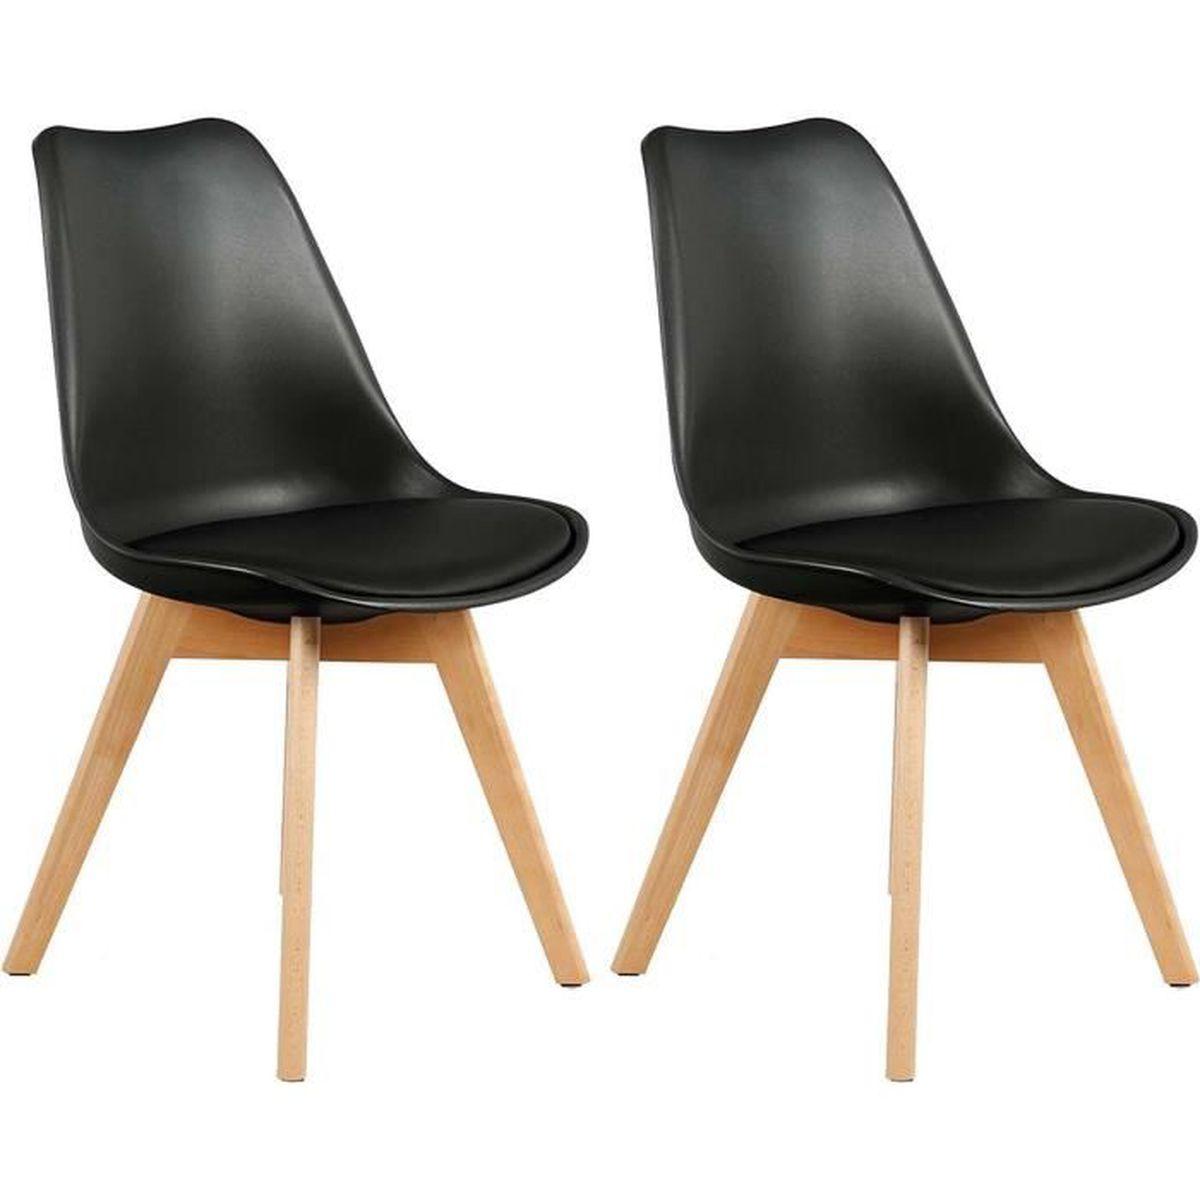 Chaise scandinave avec assise rembourrée et coque polypropylène